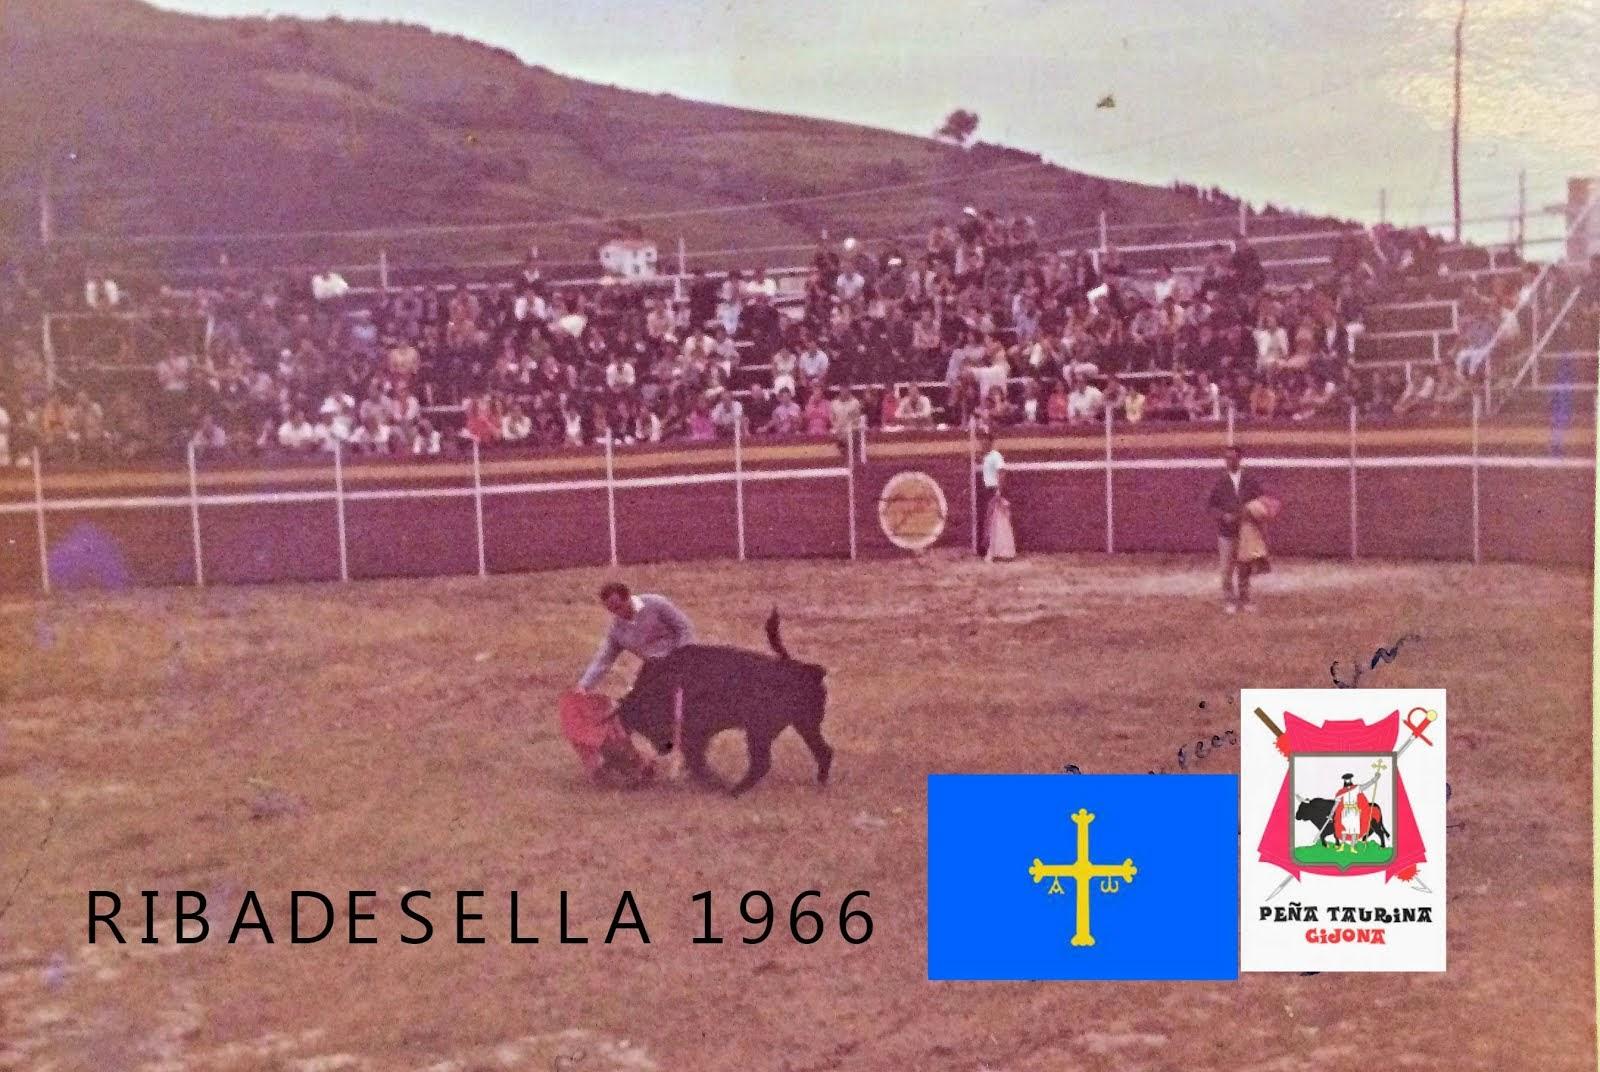 RIBADESELLA TOROS 1966